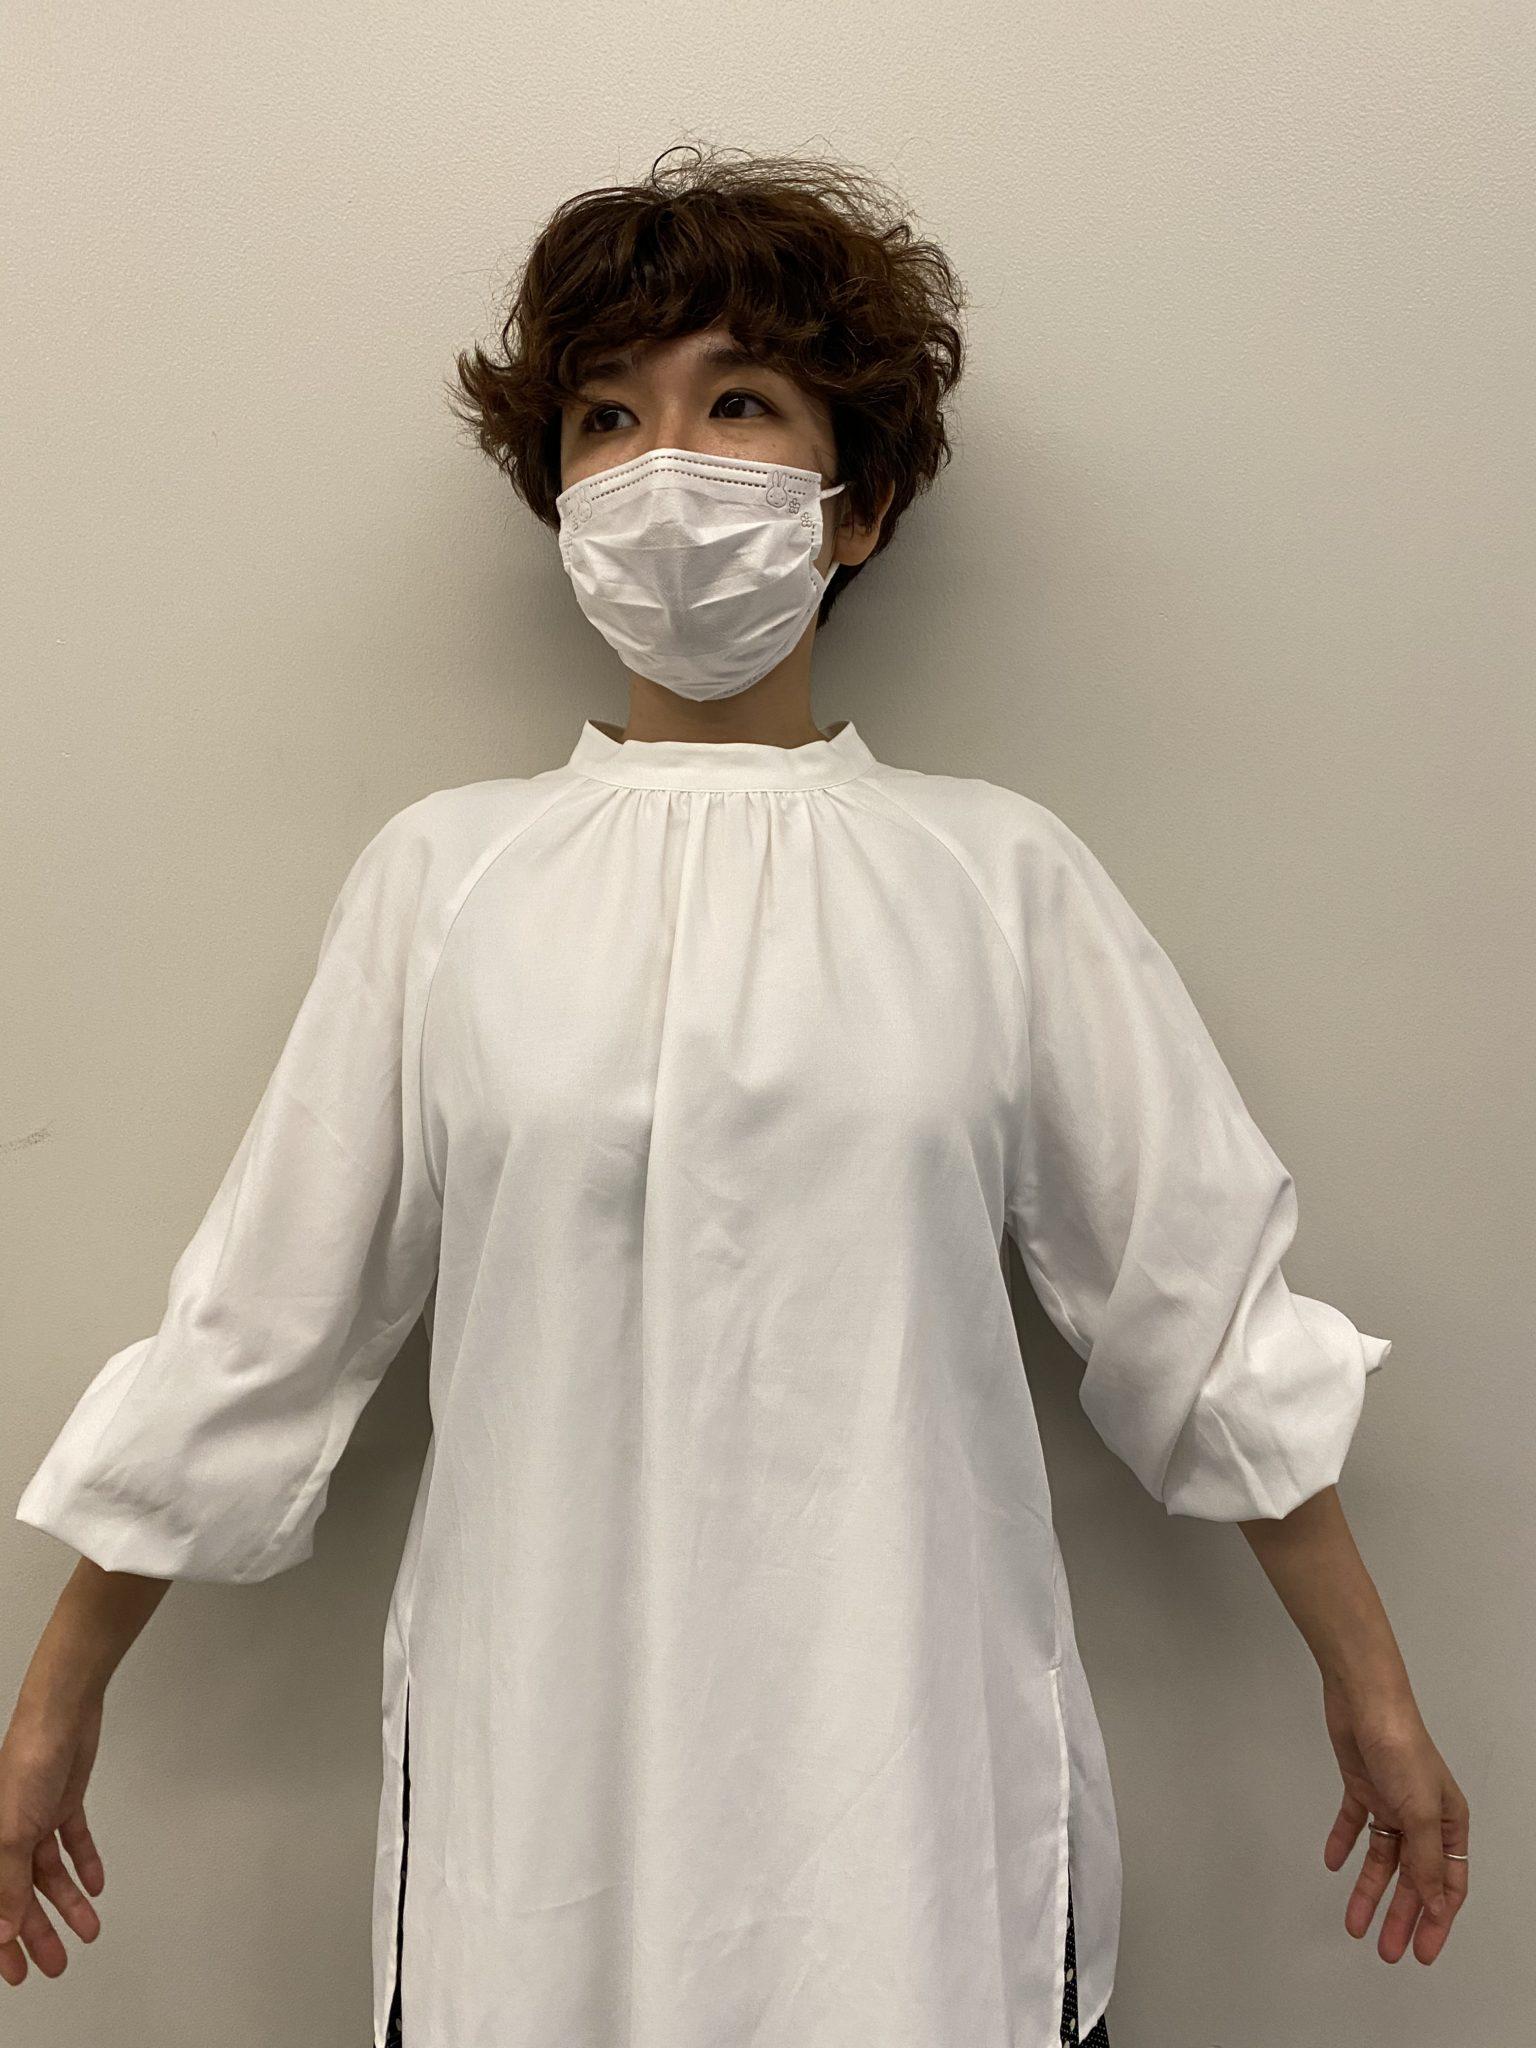 フェリシモ汚れがつきにくい、UVカットの白ドレスシャツ4